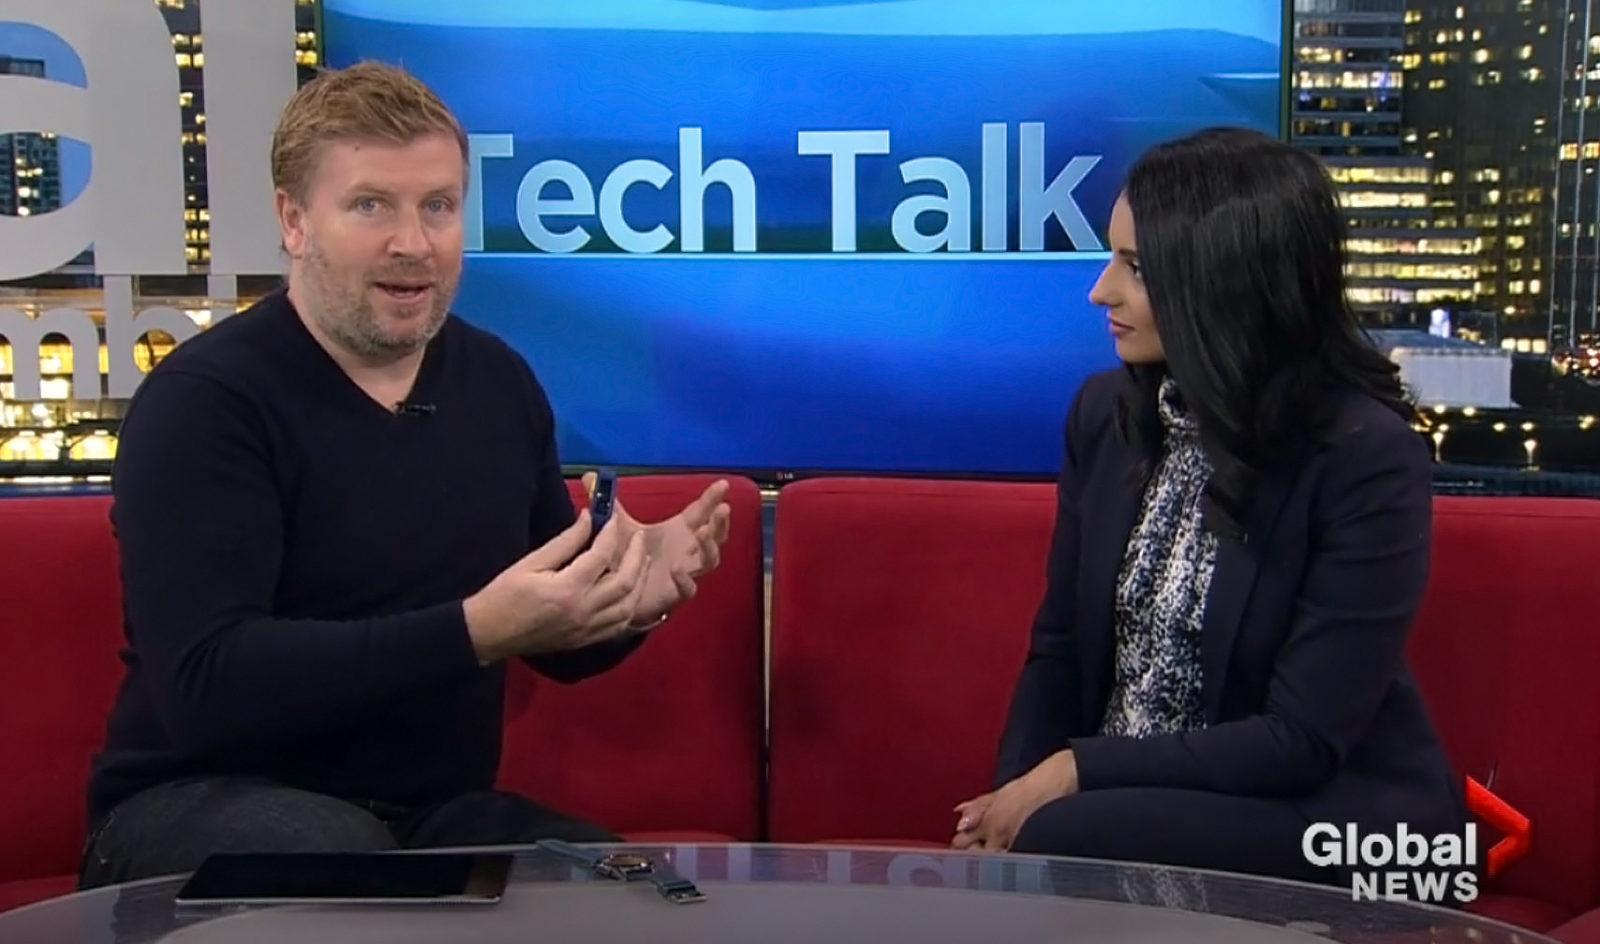 Global News Tech Talk - Oct 30 2019